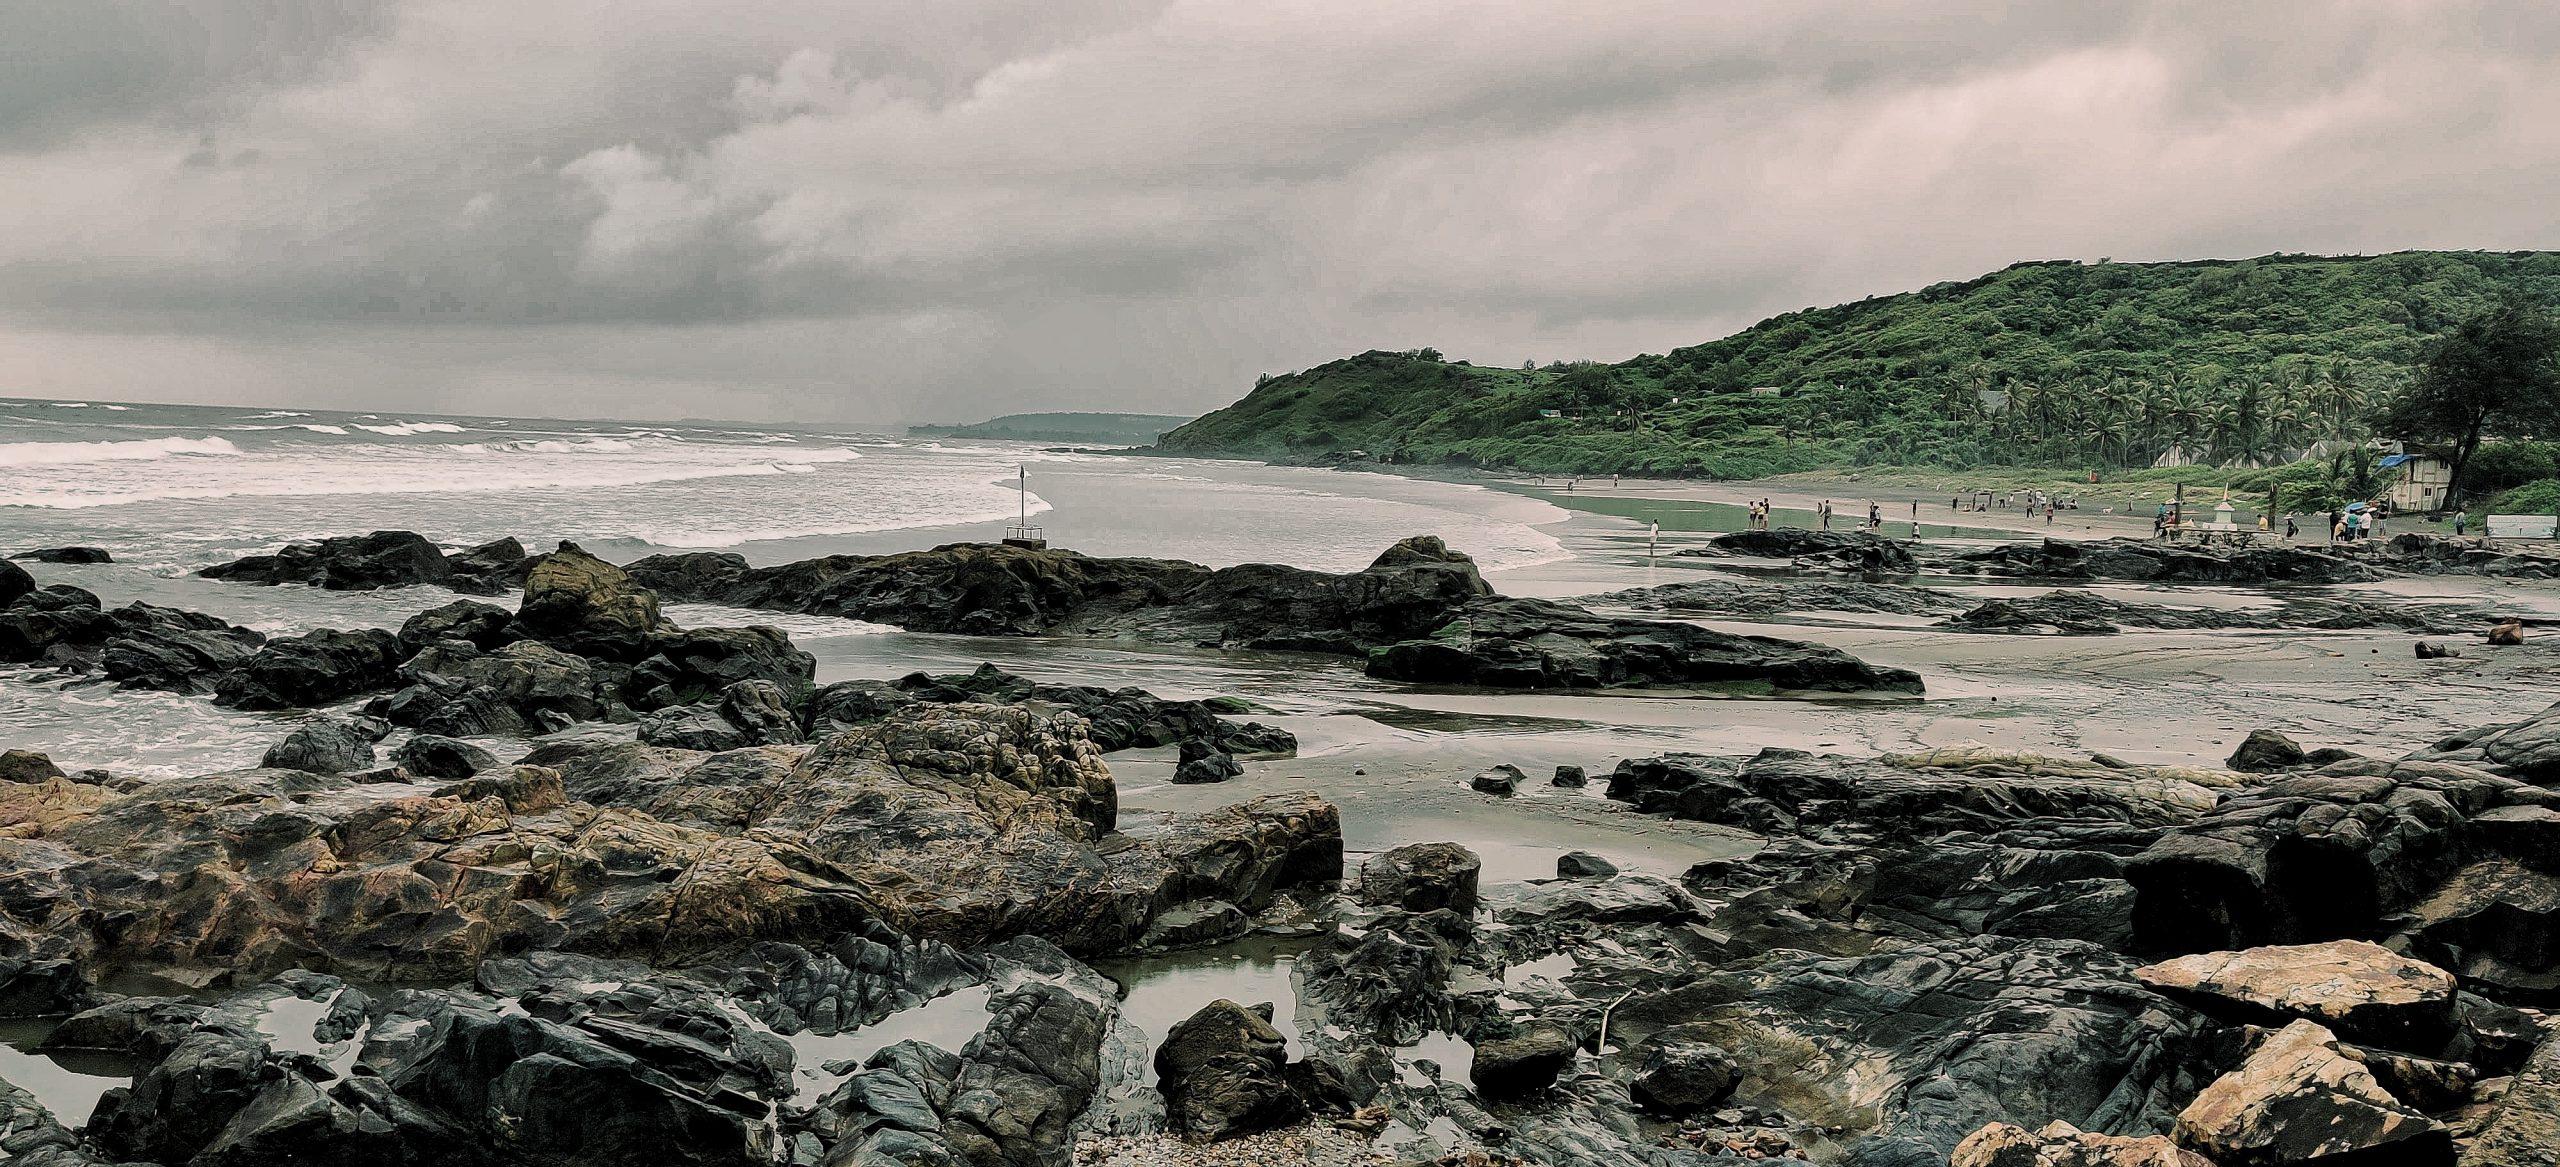 Rocks in the Sea Shore